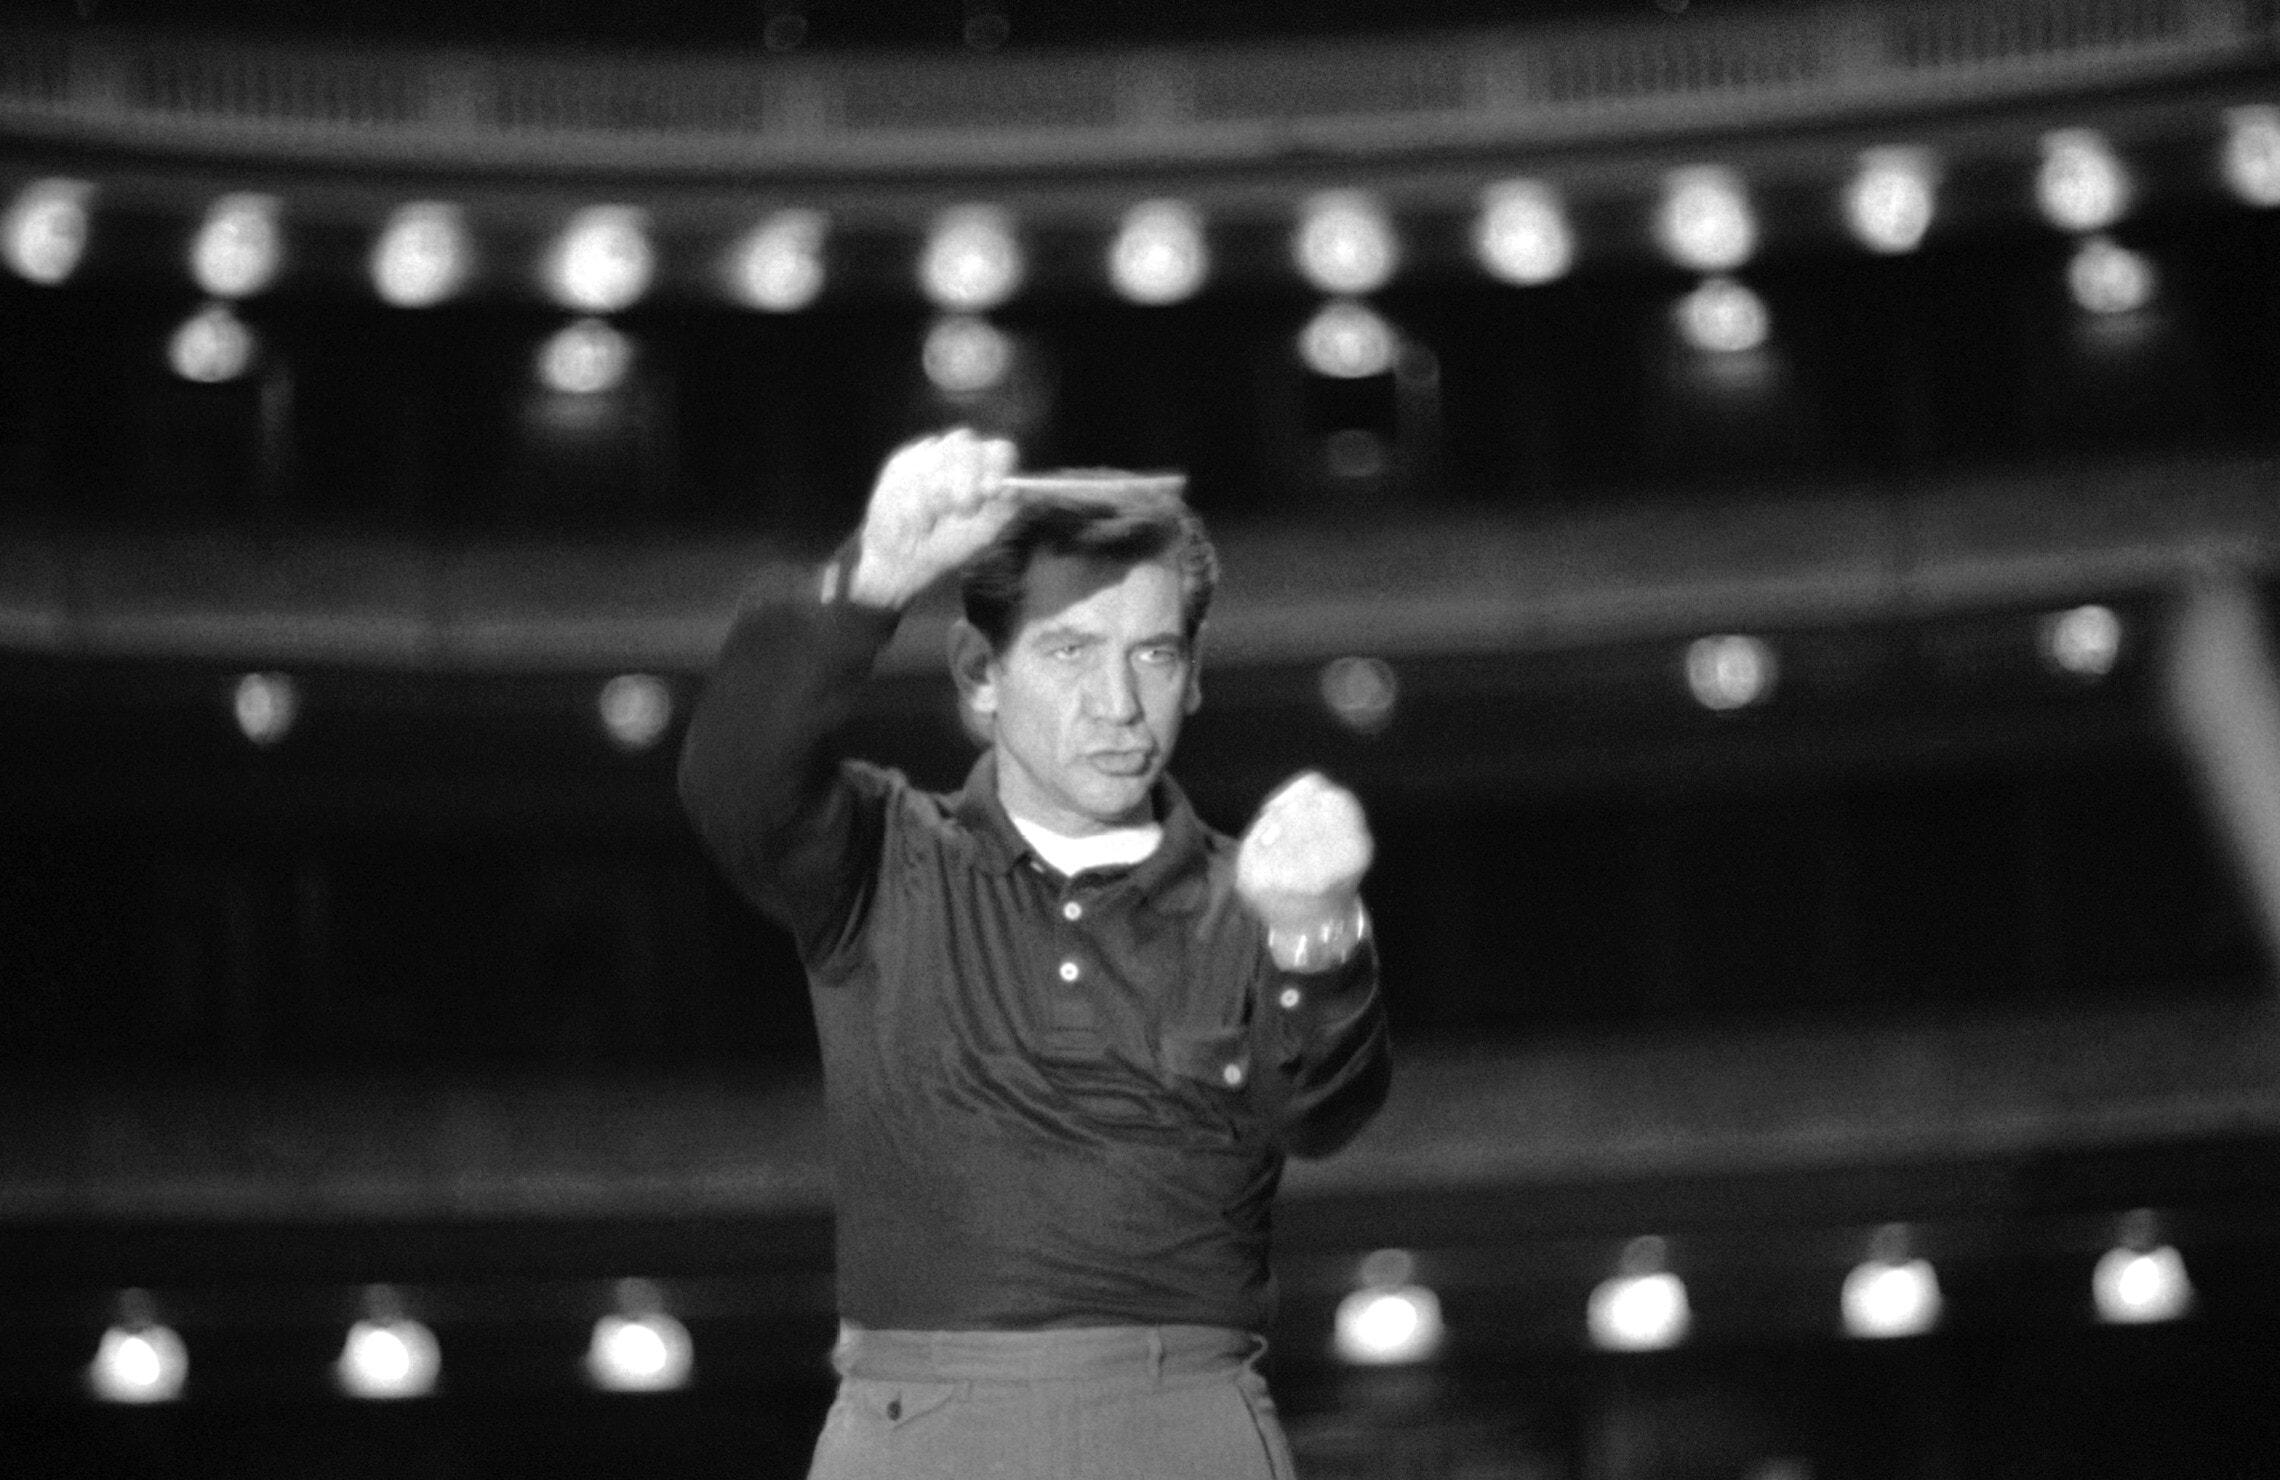 לאונרד ברנשטיין בחזרות עם הפילהרמונית של ניו יורק באולם קרנגי הול ב-1957 (צילום: AP Photo)